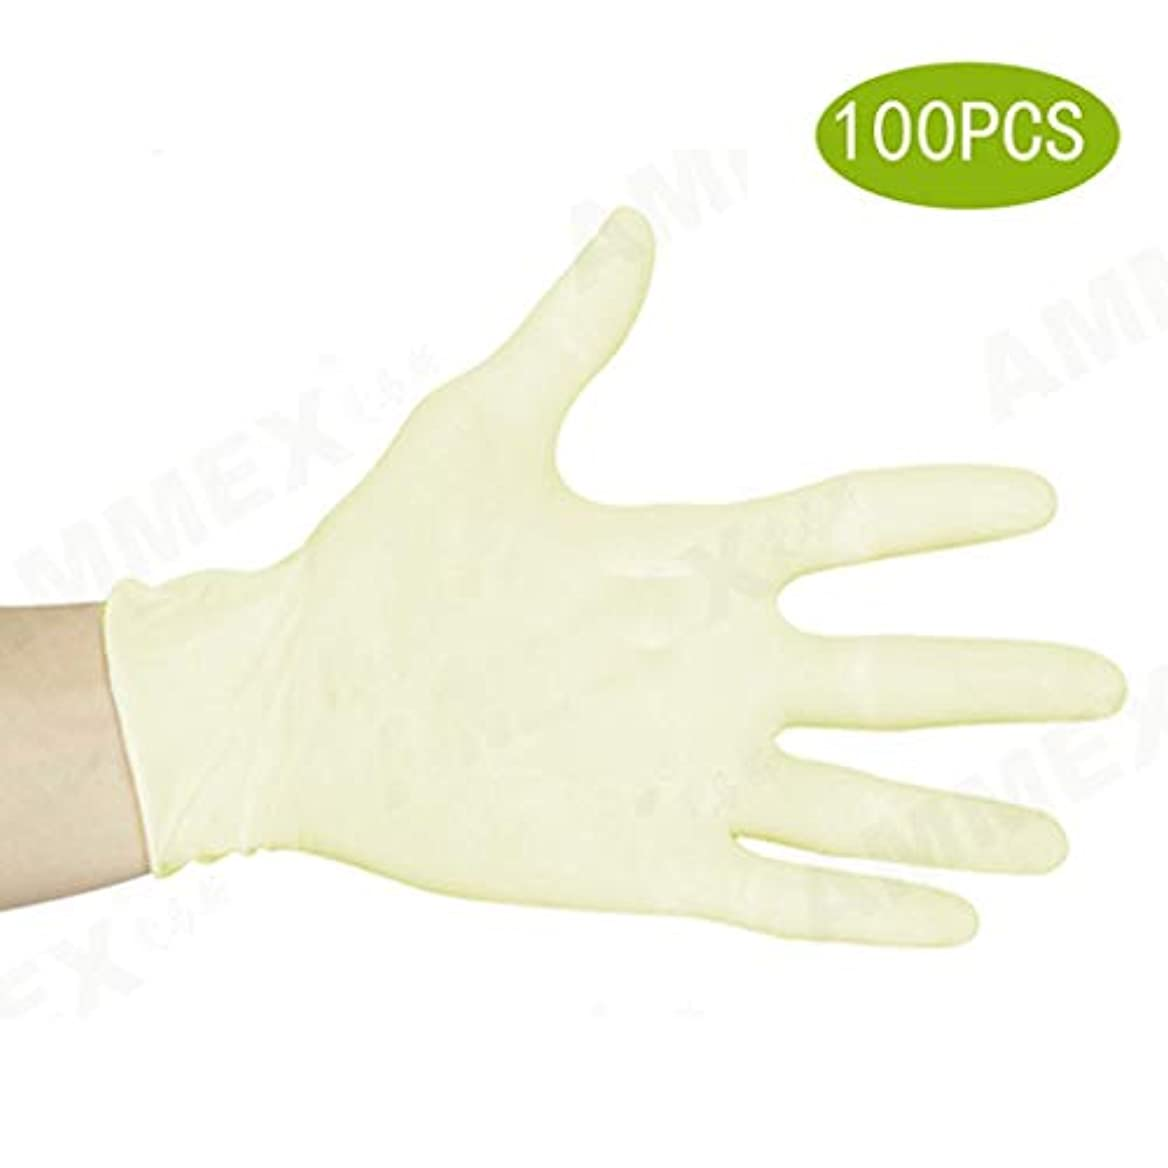 有効なジャーナルレモンニトリル手袋、パウダーフリー、ラテックスゴムフリー、使い捨て手袋 - 非滅菌、食品安全、医療用グレード、100の便利なディスペンサーパック、ビニール手袋(エクストラストレングス) (Color : Latex Gloves...